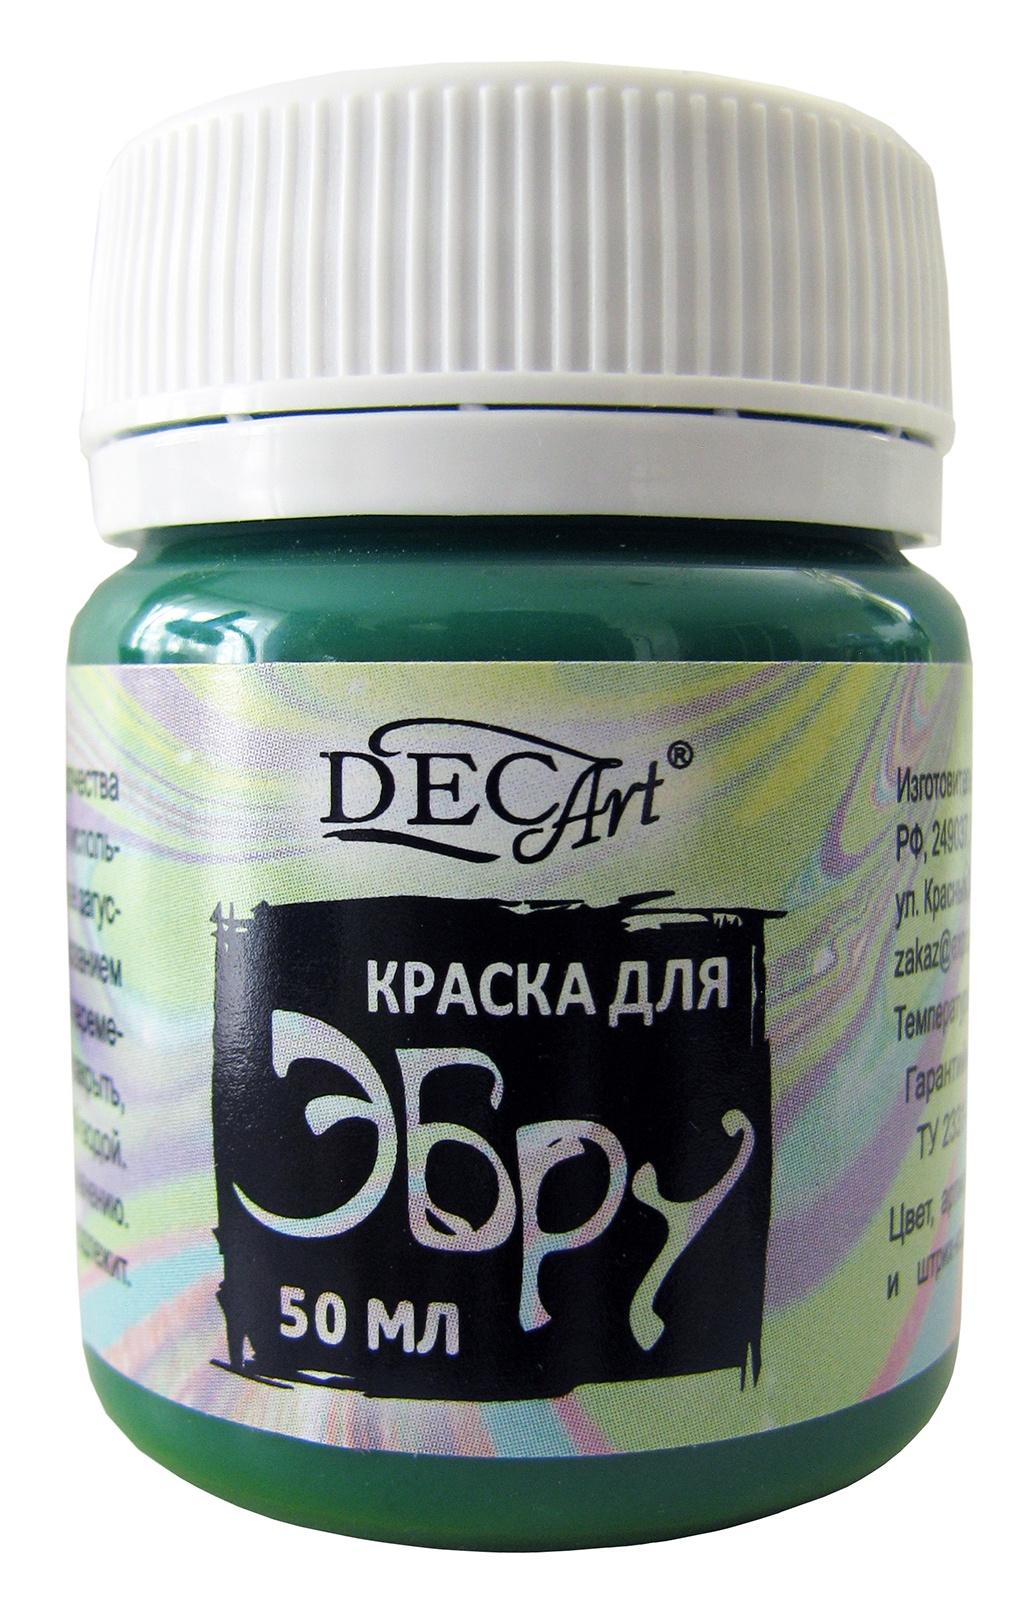 Краска для декорирования DecArt 911-65-50-209